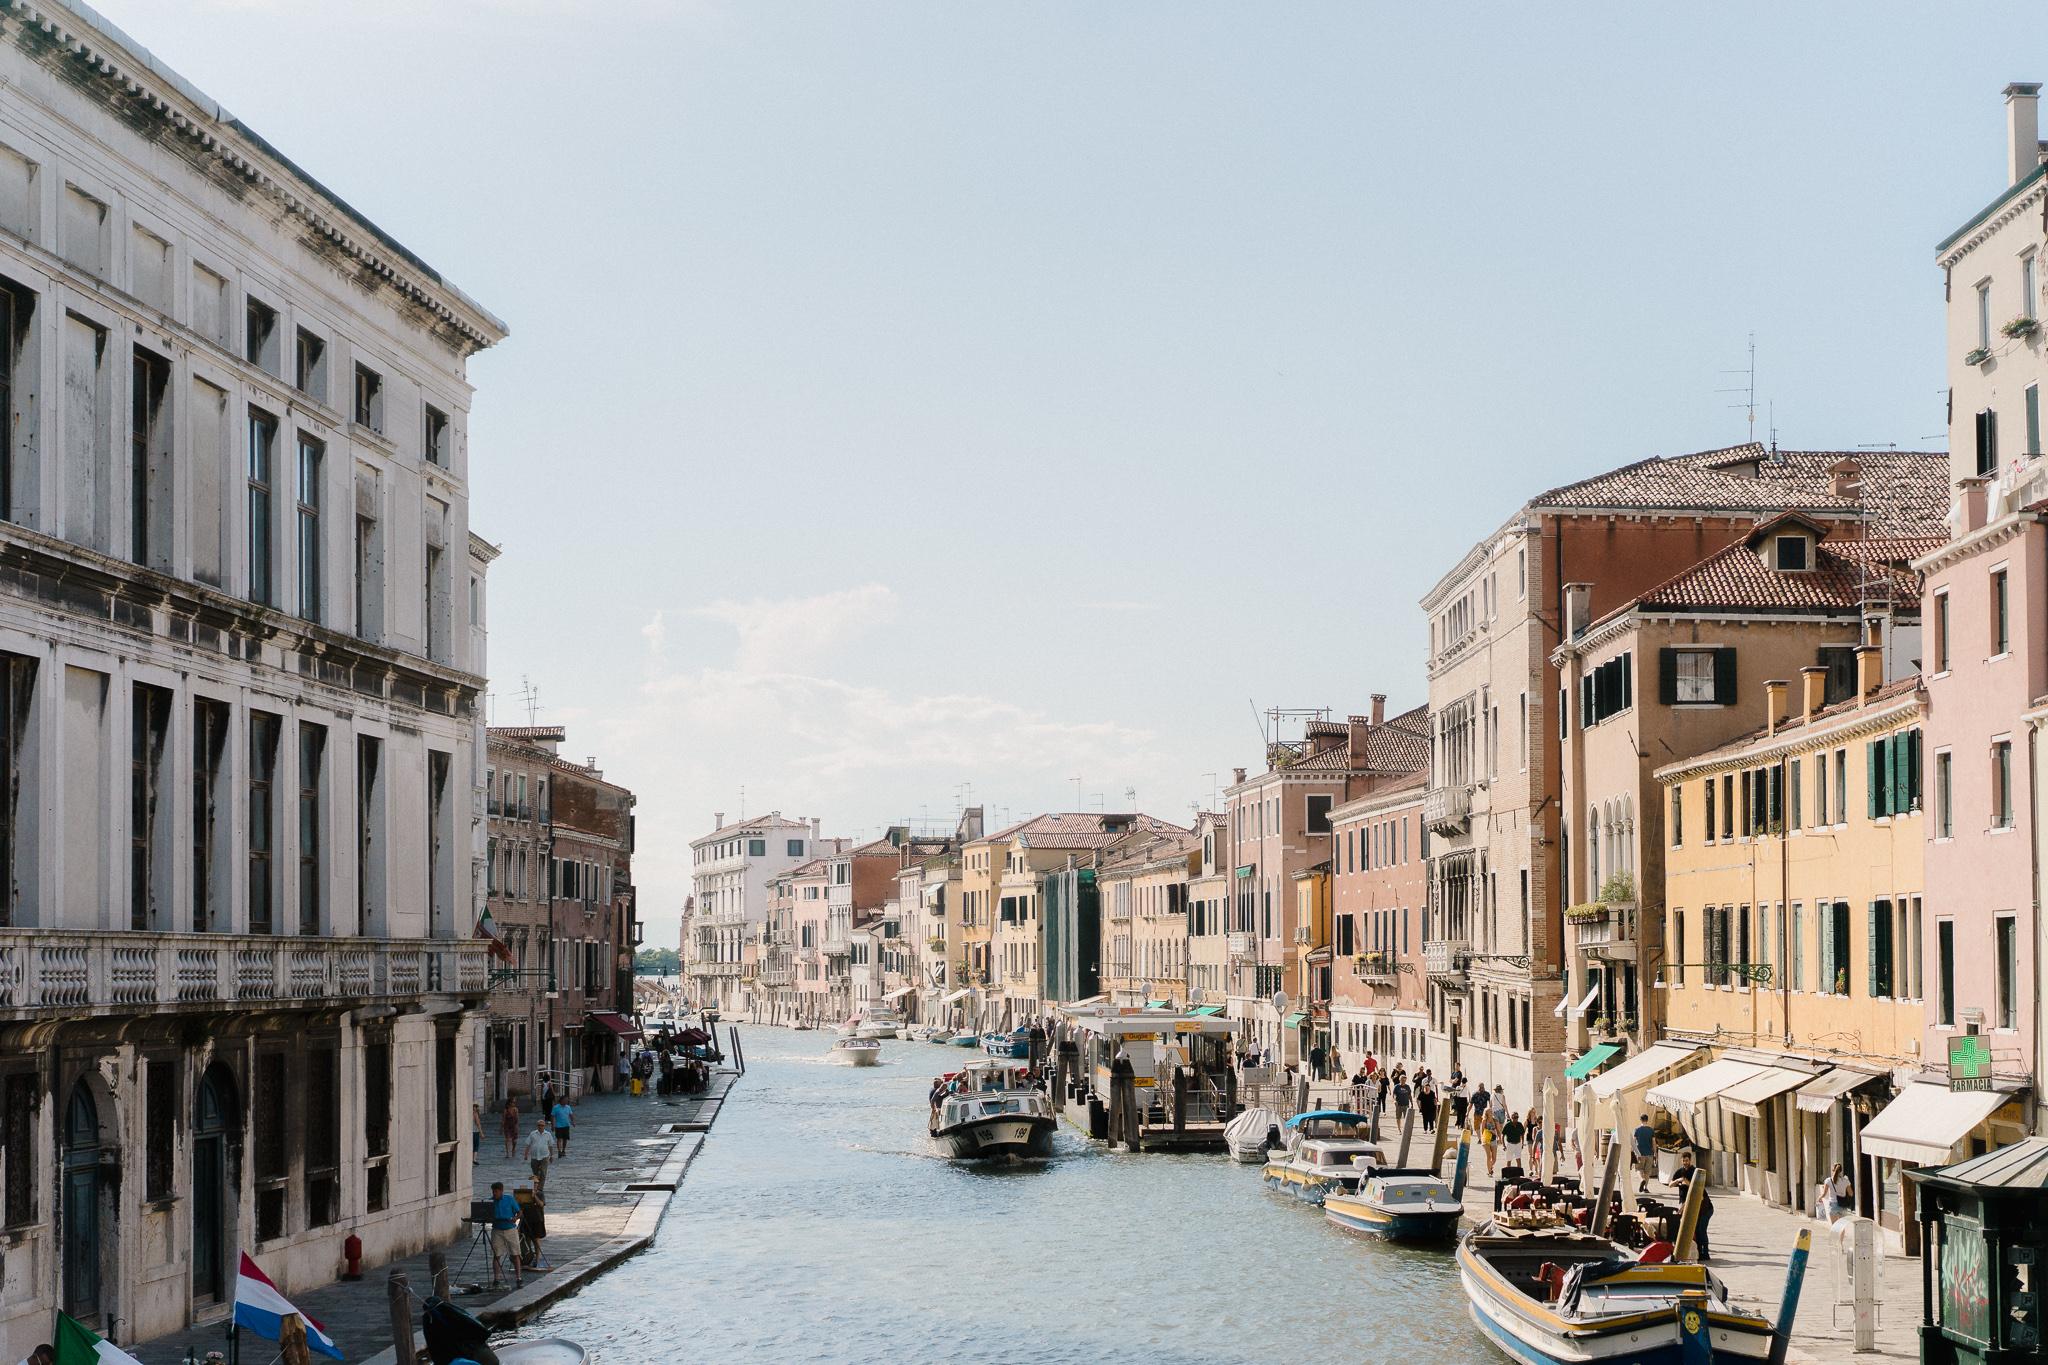 Venice-Burano-Italy-21.jpg